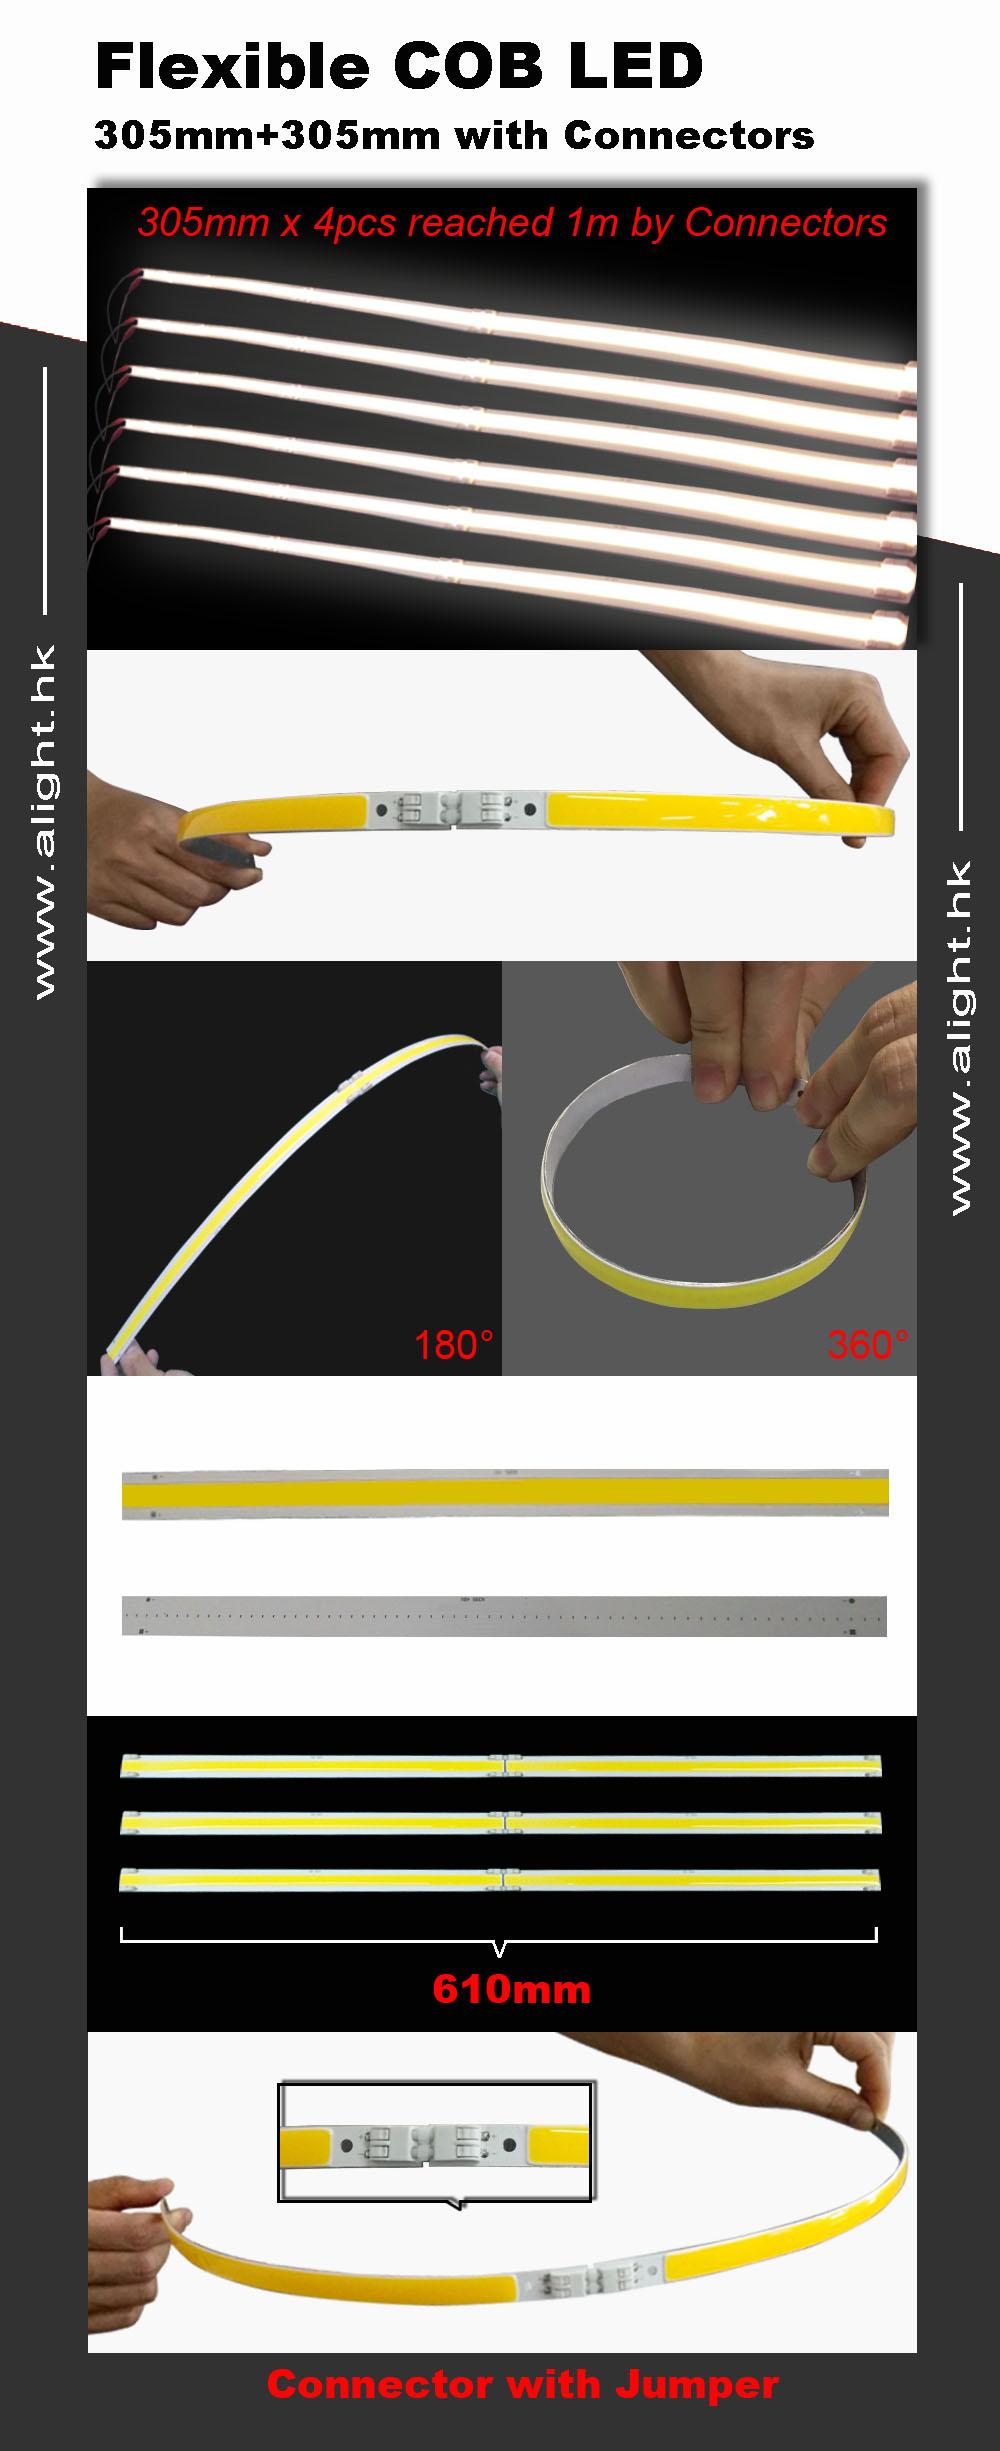 LED COB flexível